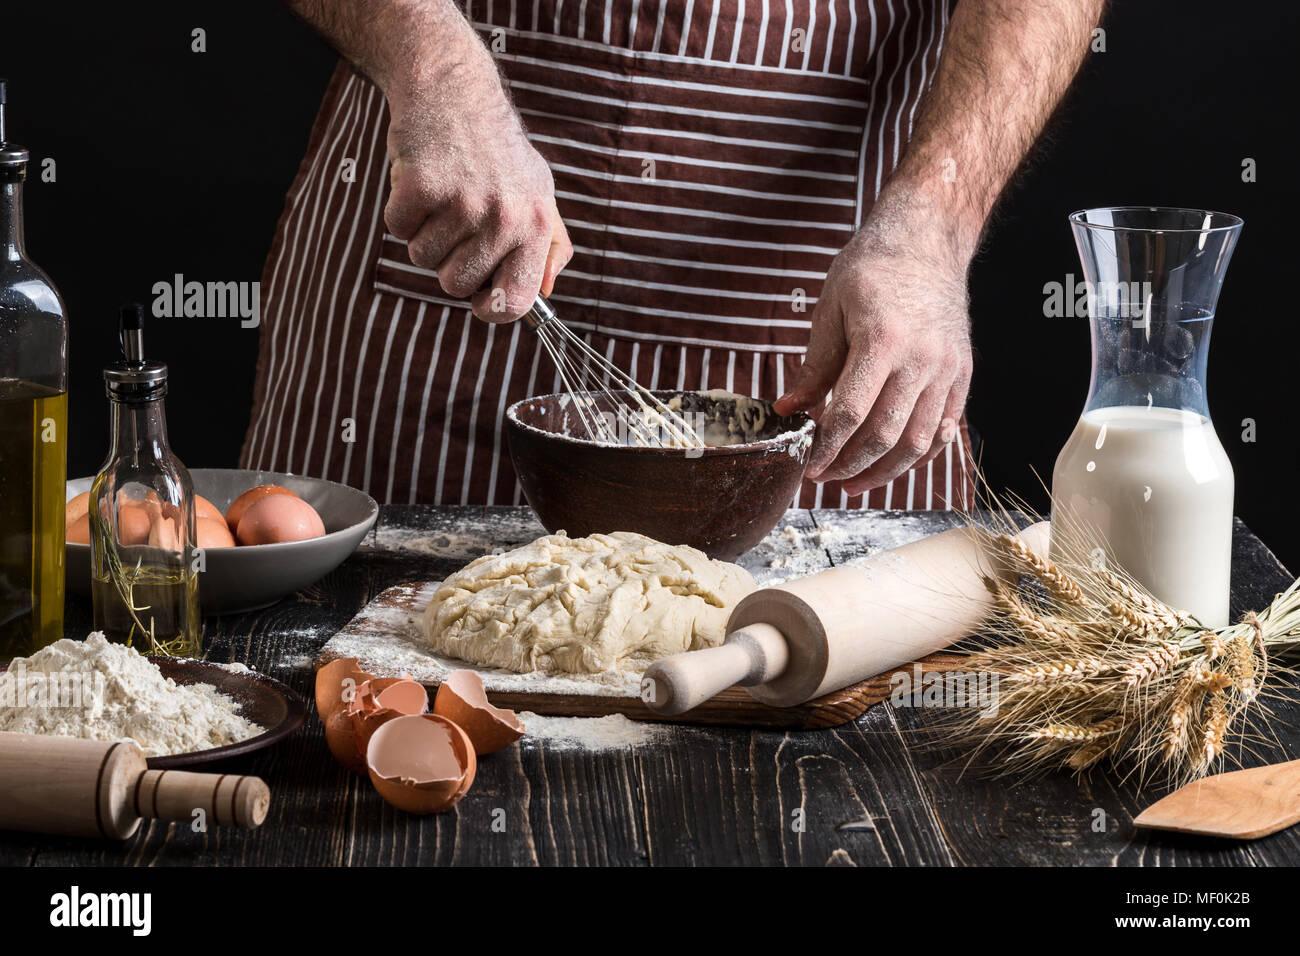 Männliche chef Schlagsahne Eier in die Bäckerei auf hölzernen Tisch. Zutaten für das Kochen von Mehl oder Teig Stockbild